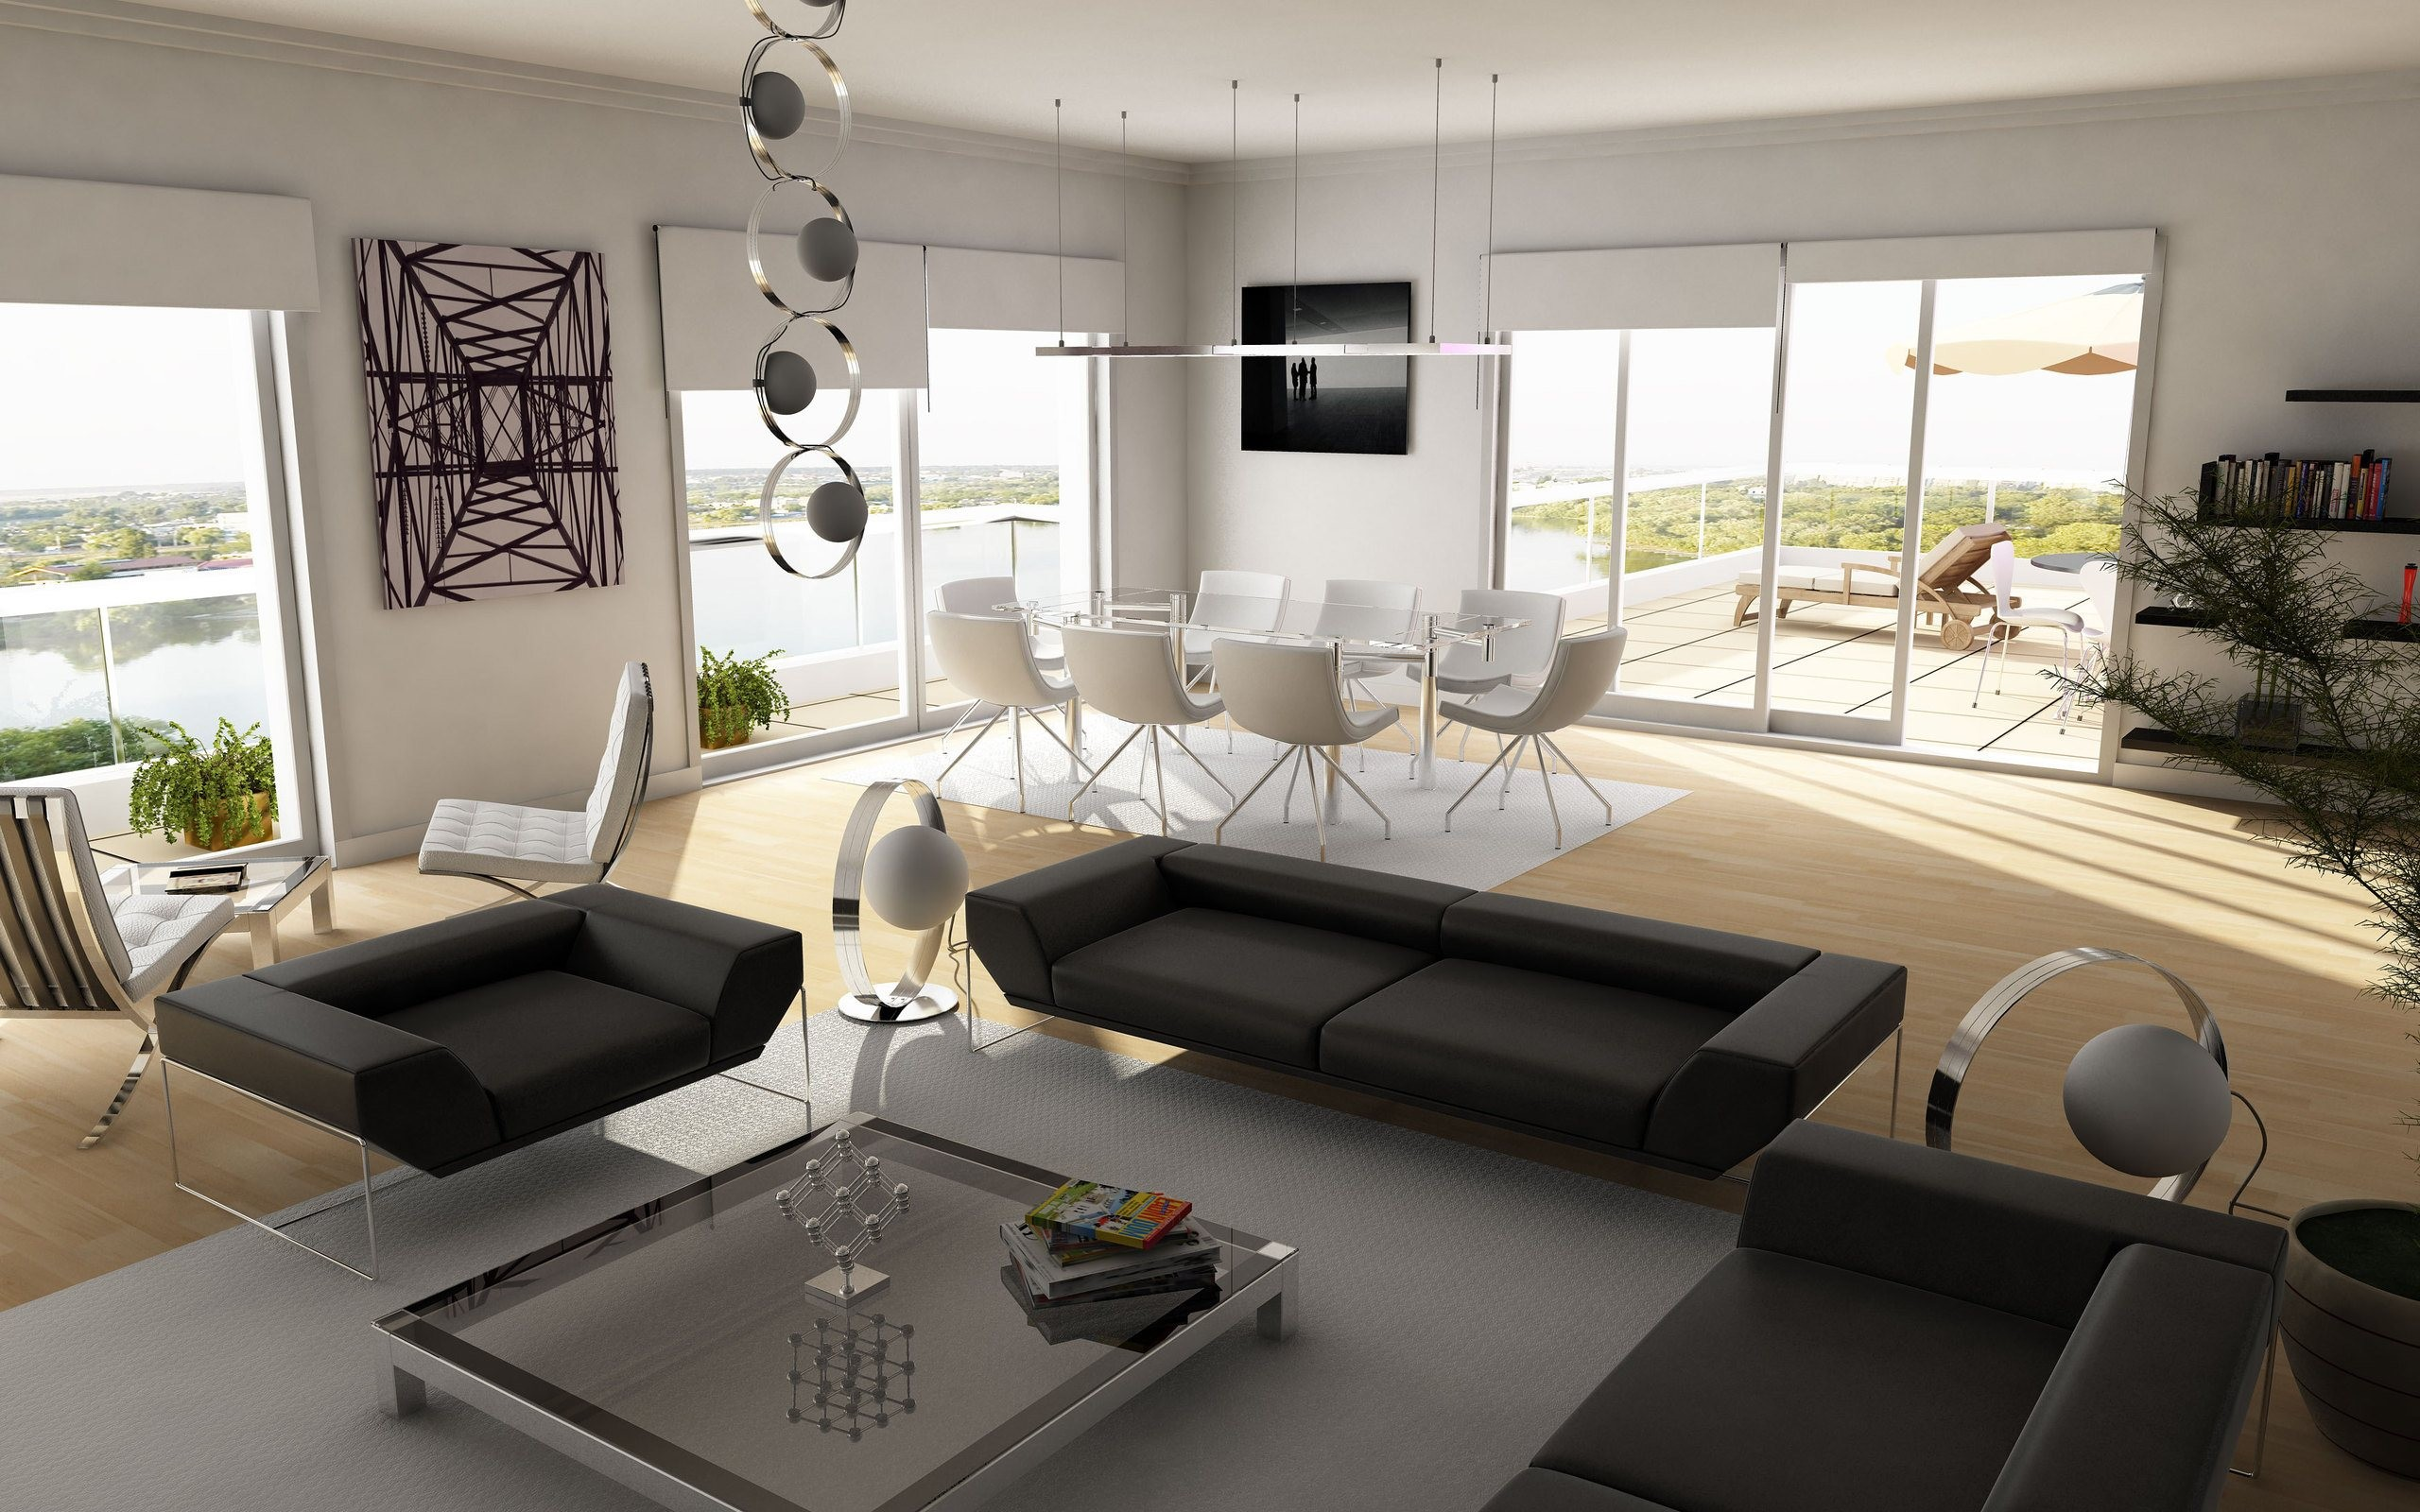 Diseño interior de una casa de campo - 2560x1600